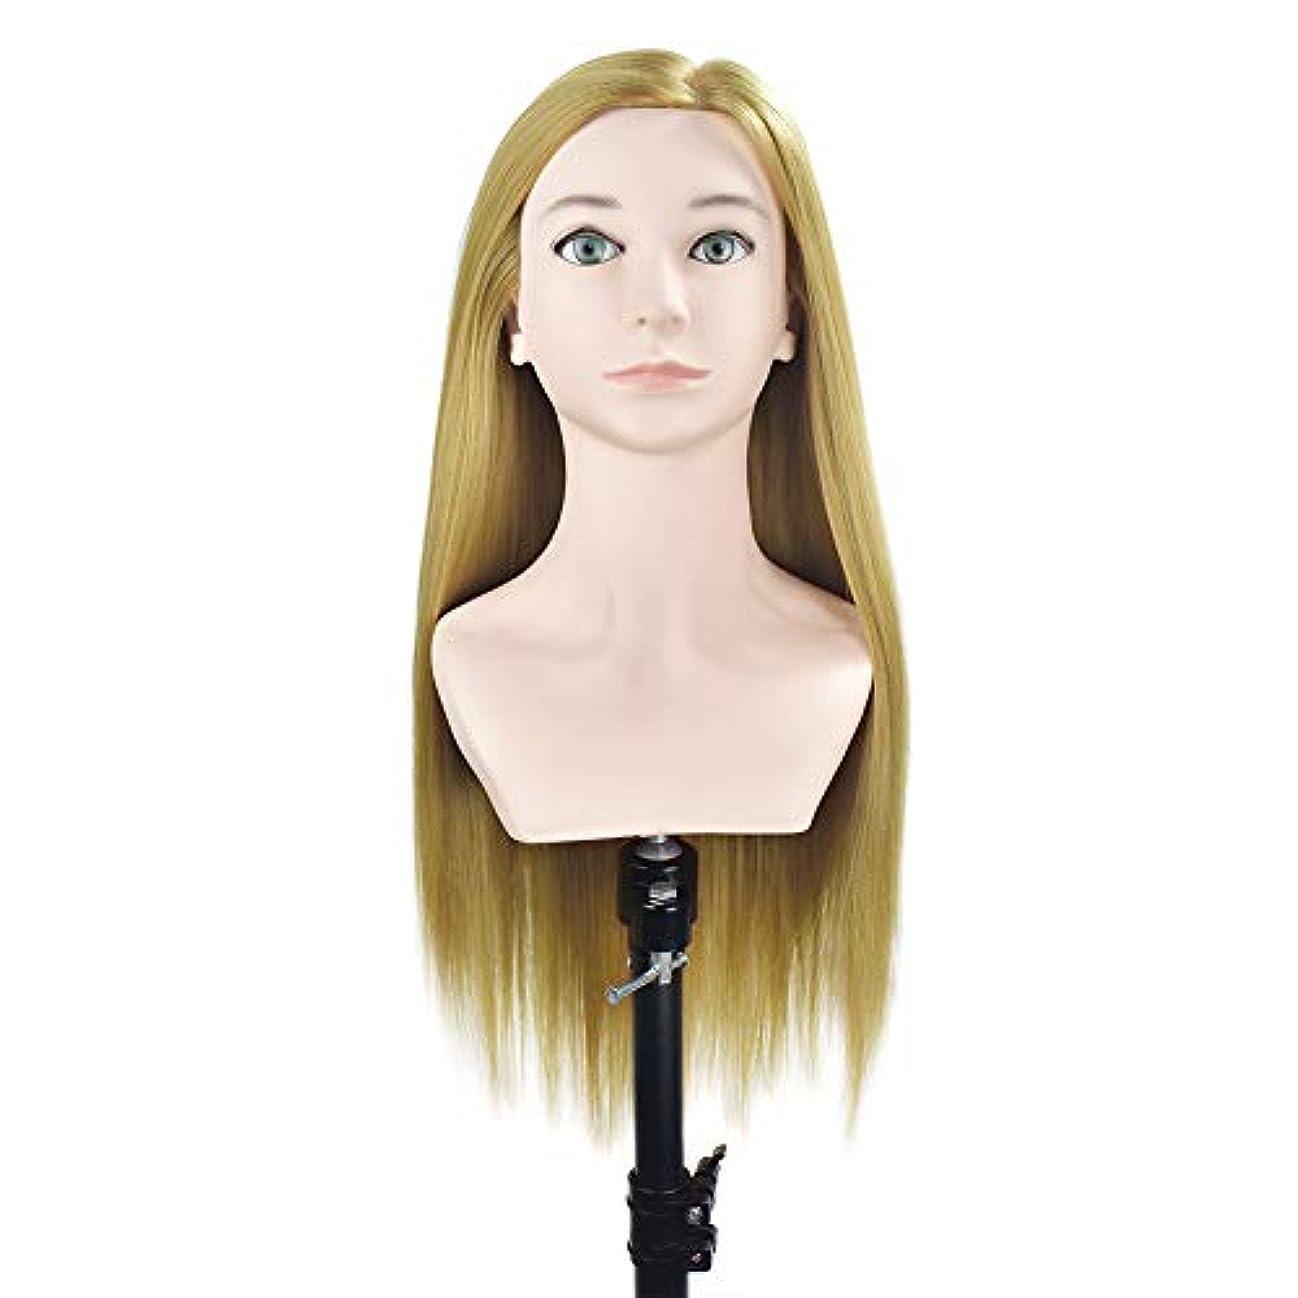 アシュリータファーマン味側サロンの髪の編み物の美容指導の頭スタイリングのヘアカットのダミーヘッドのメイク肩の学習マネキンの頭